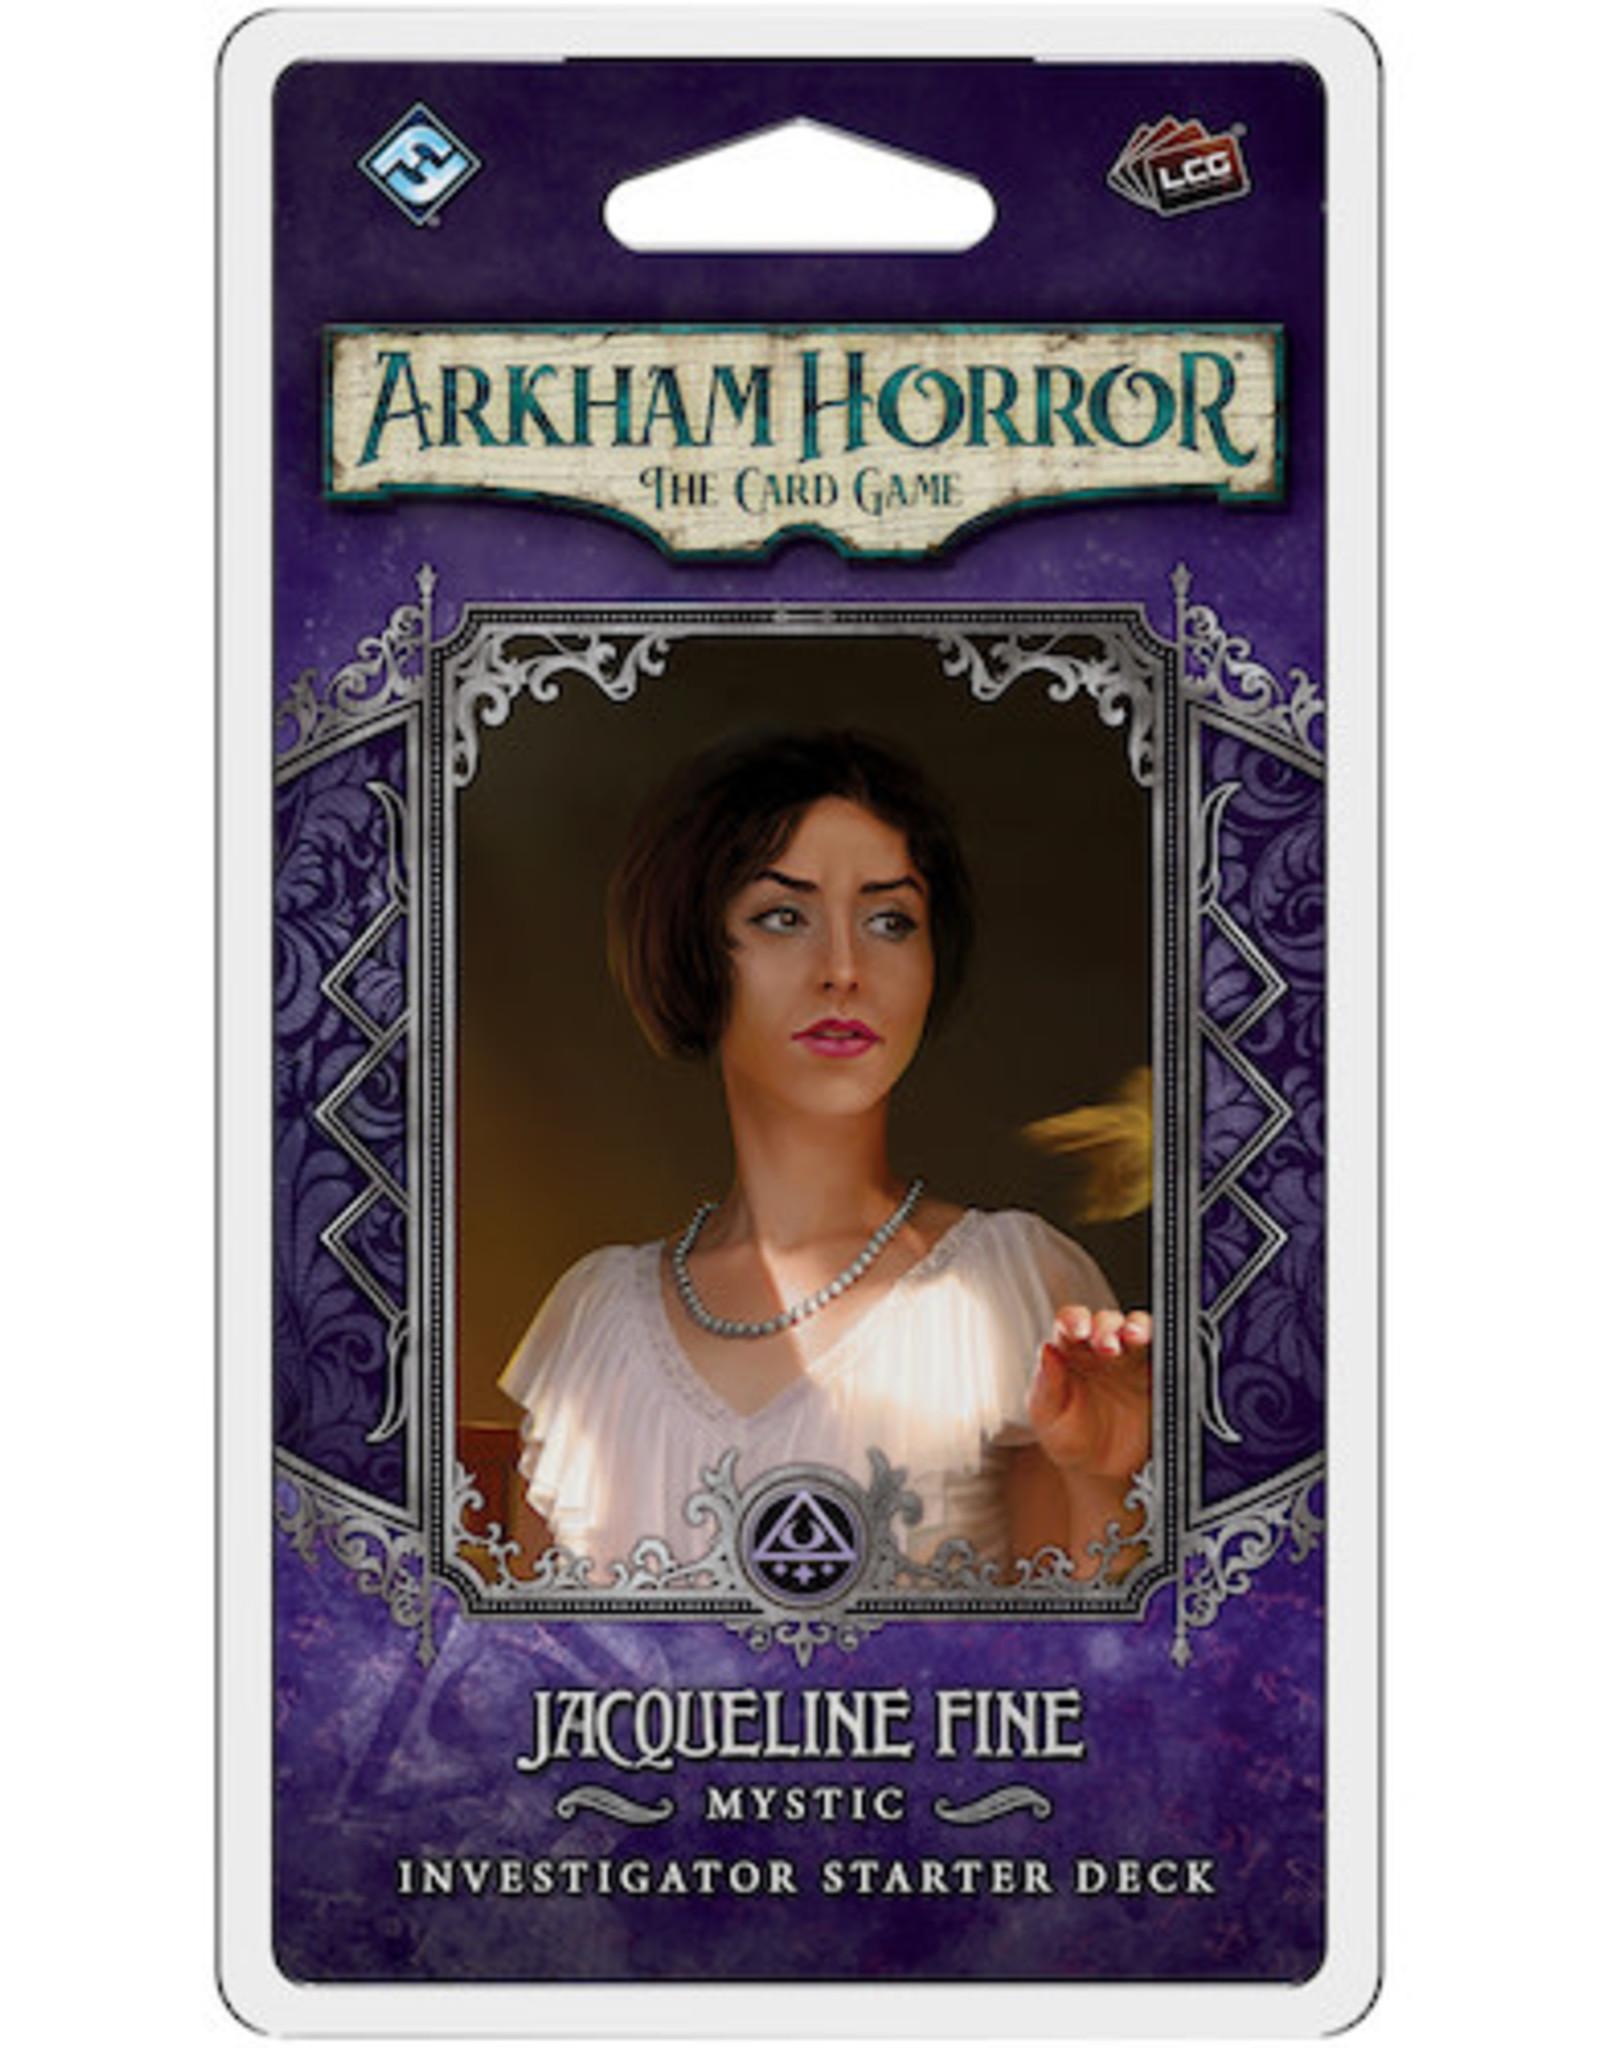 FFG Arkham Horror LCG: Jacqueline Fine Investigator Starter Deck